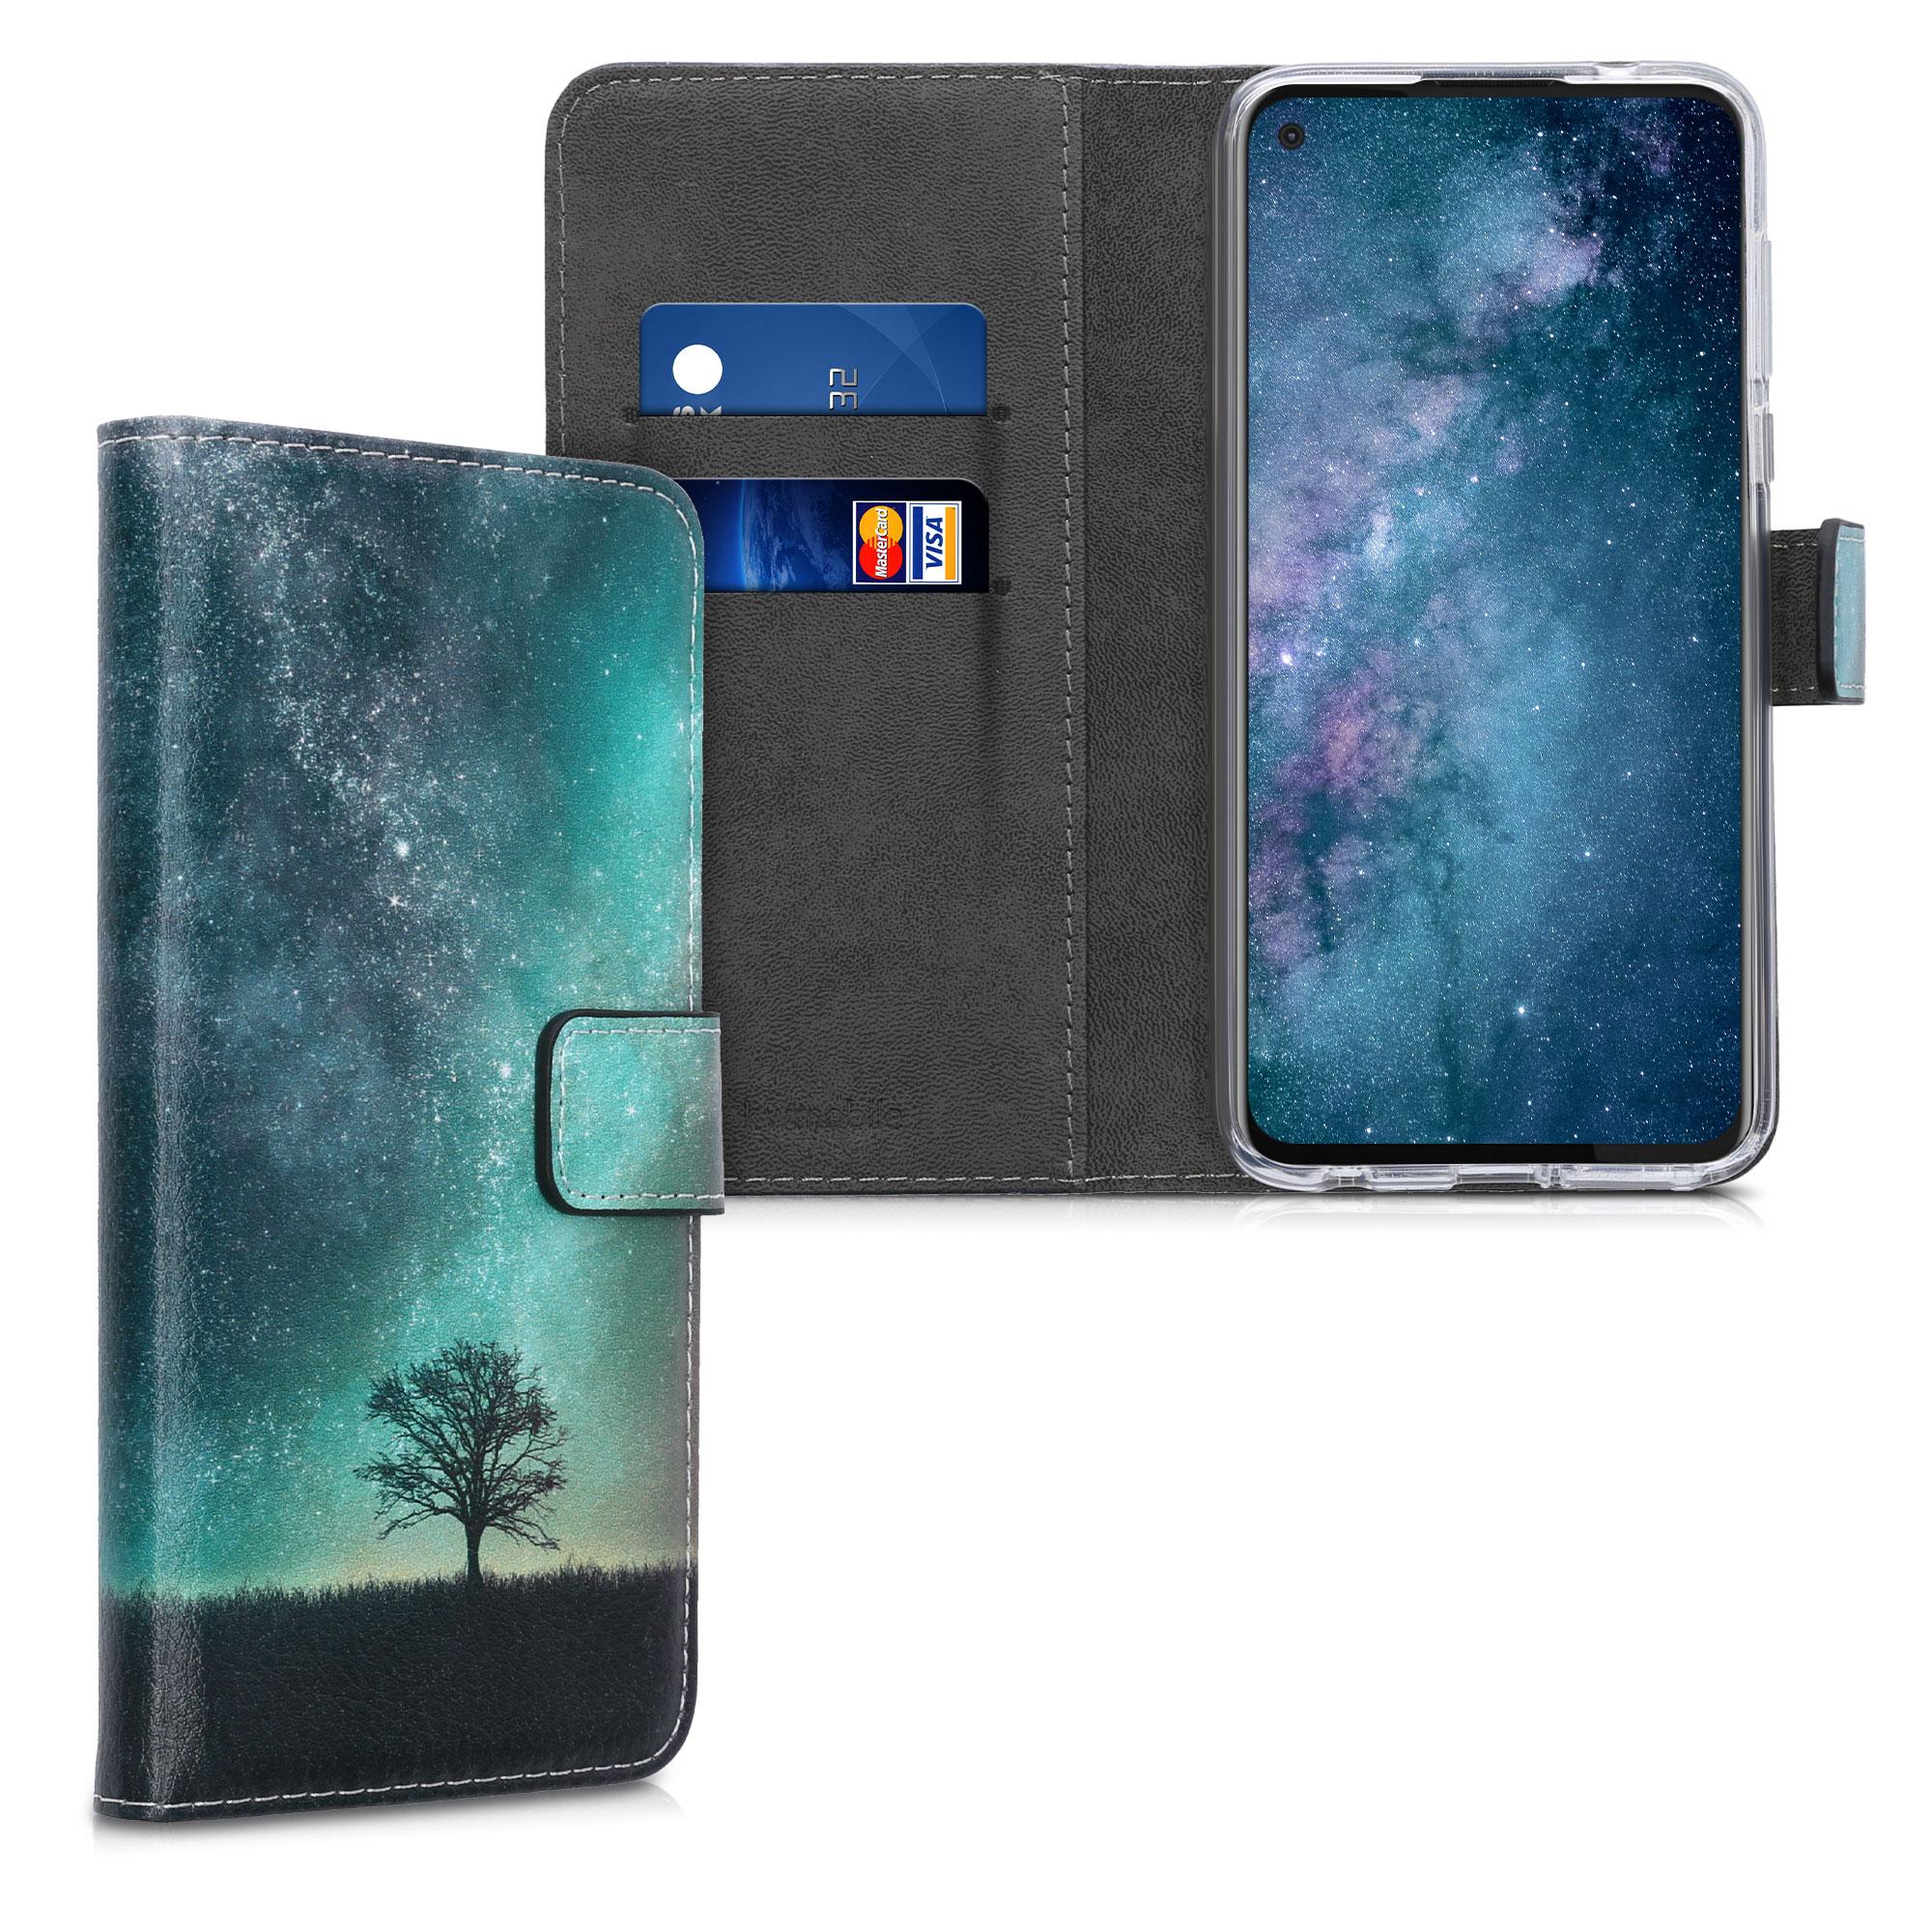 Kožené pouzdro | obal pro Motorola Moto G Pro (EU) / Moto G Stylus (US) - Kosmická příroda Modrá / Šedá / Černá